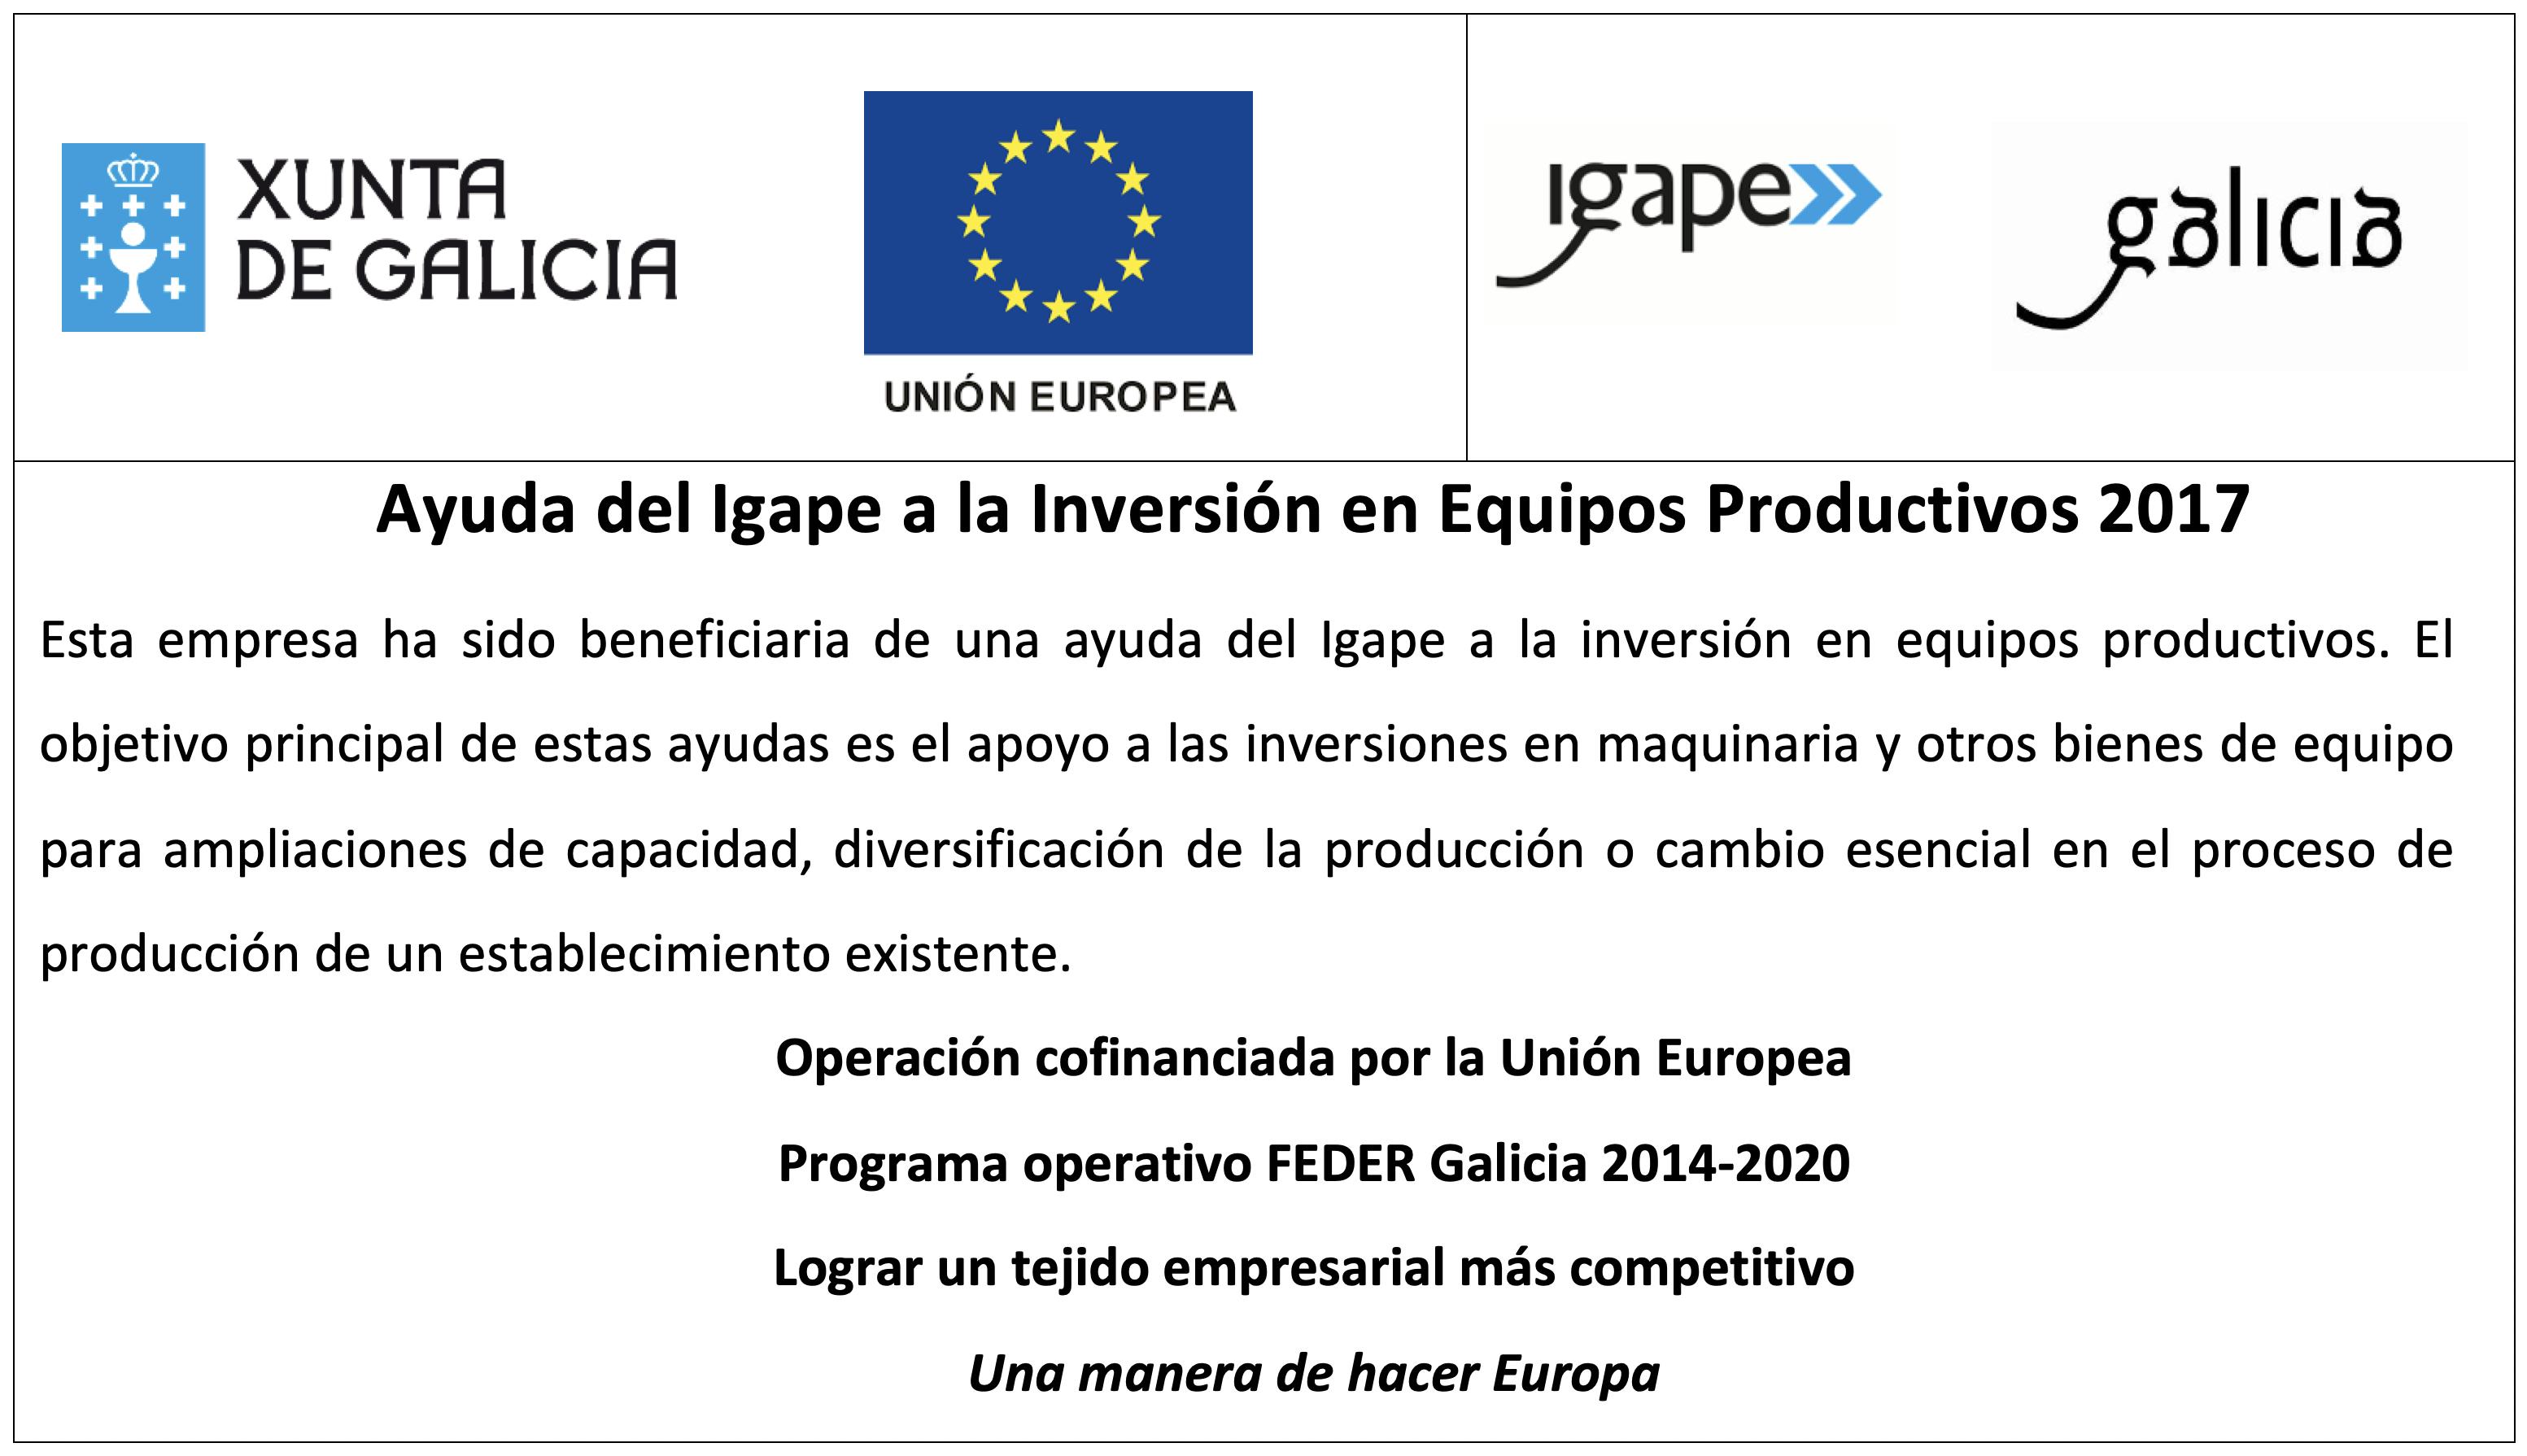 Foto Ayuda del Igape a la inversión en equipos productivos 2017